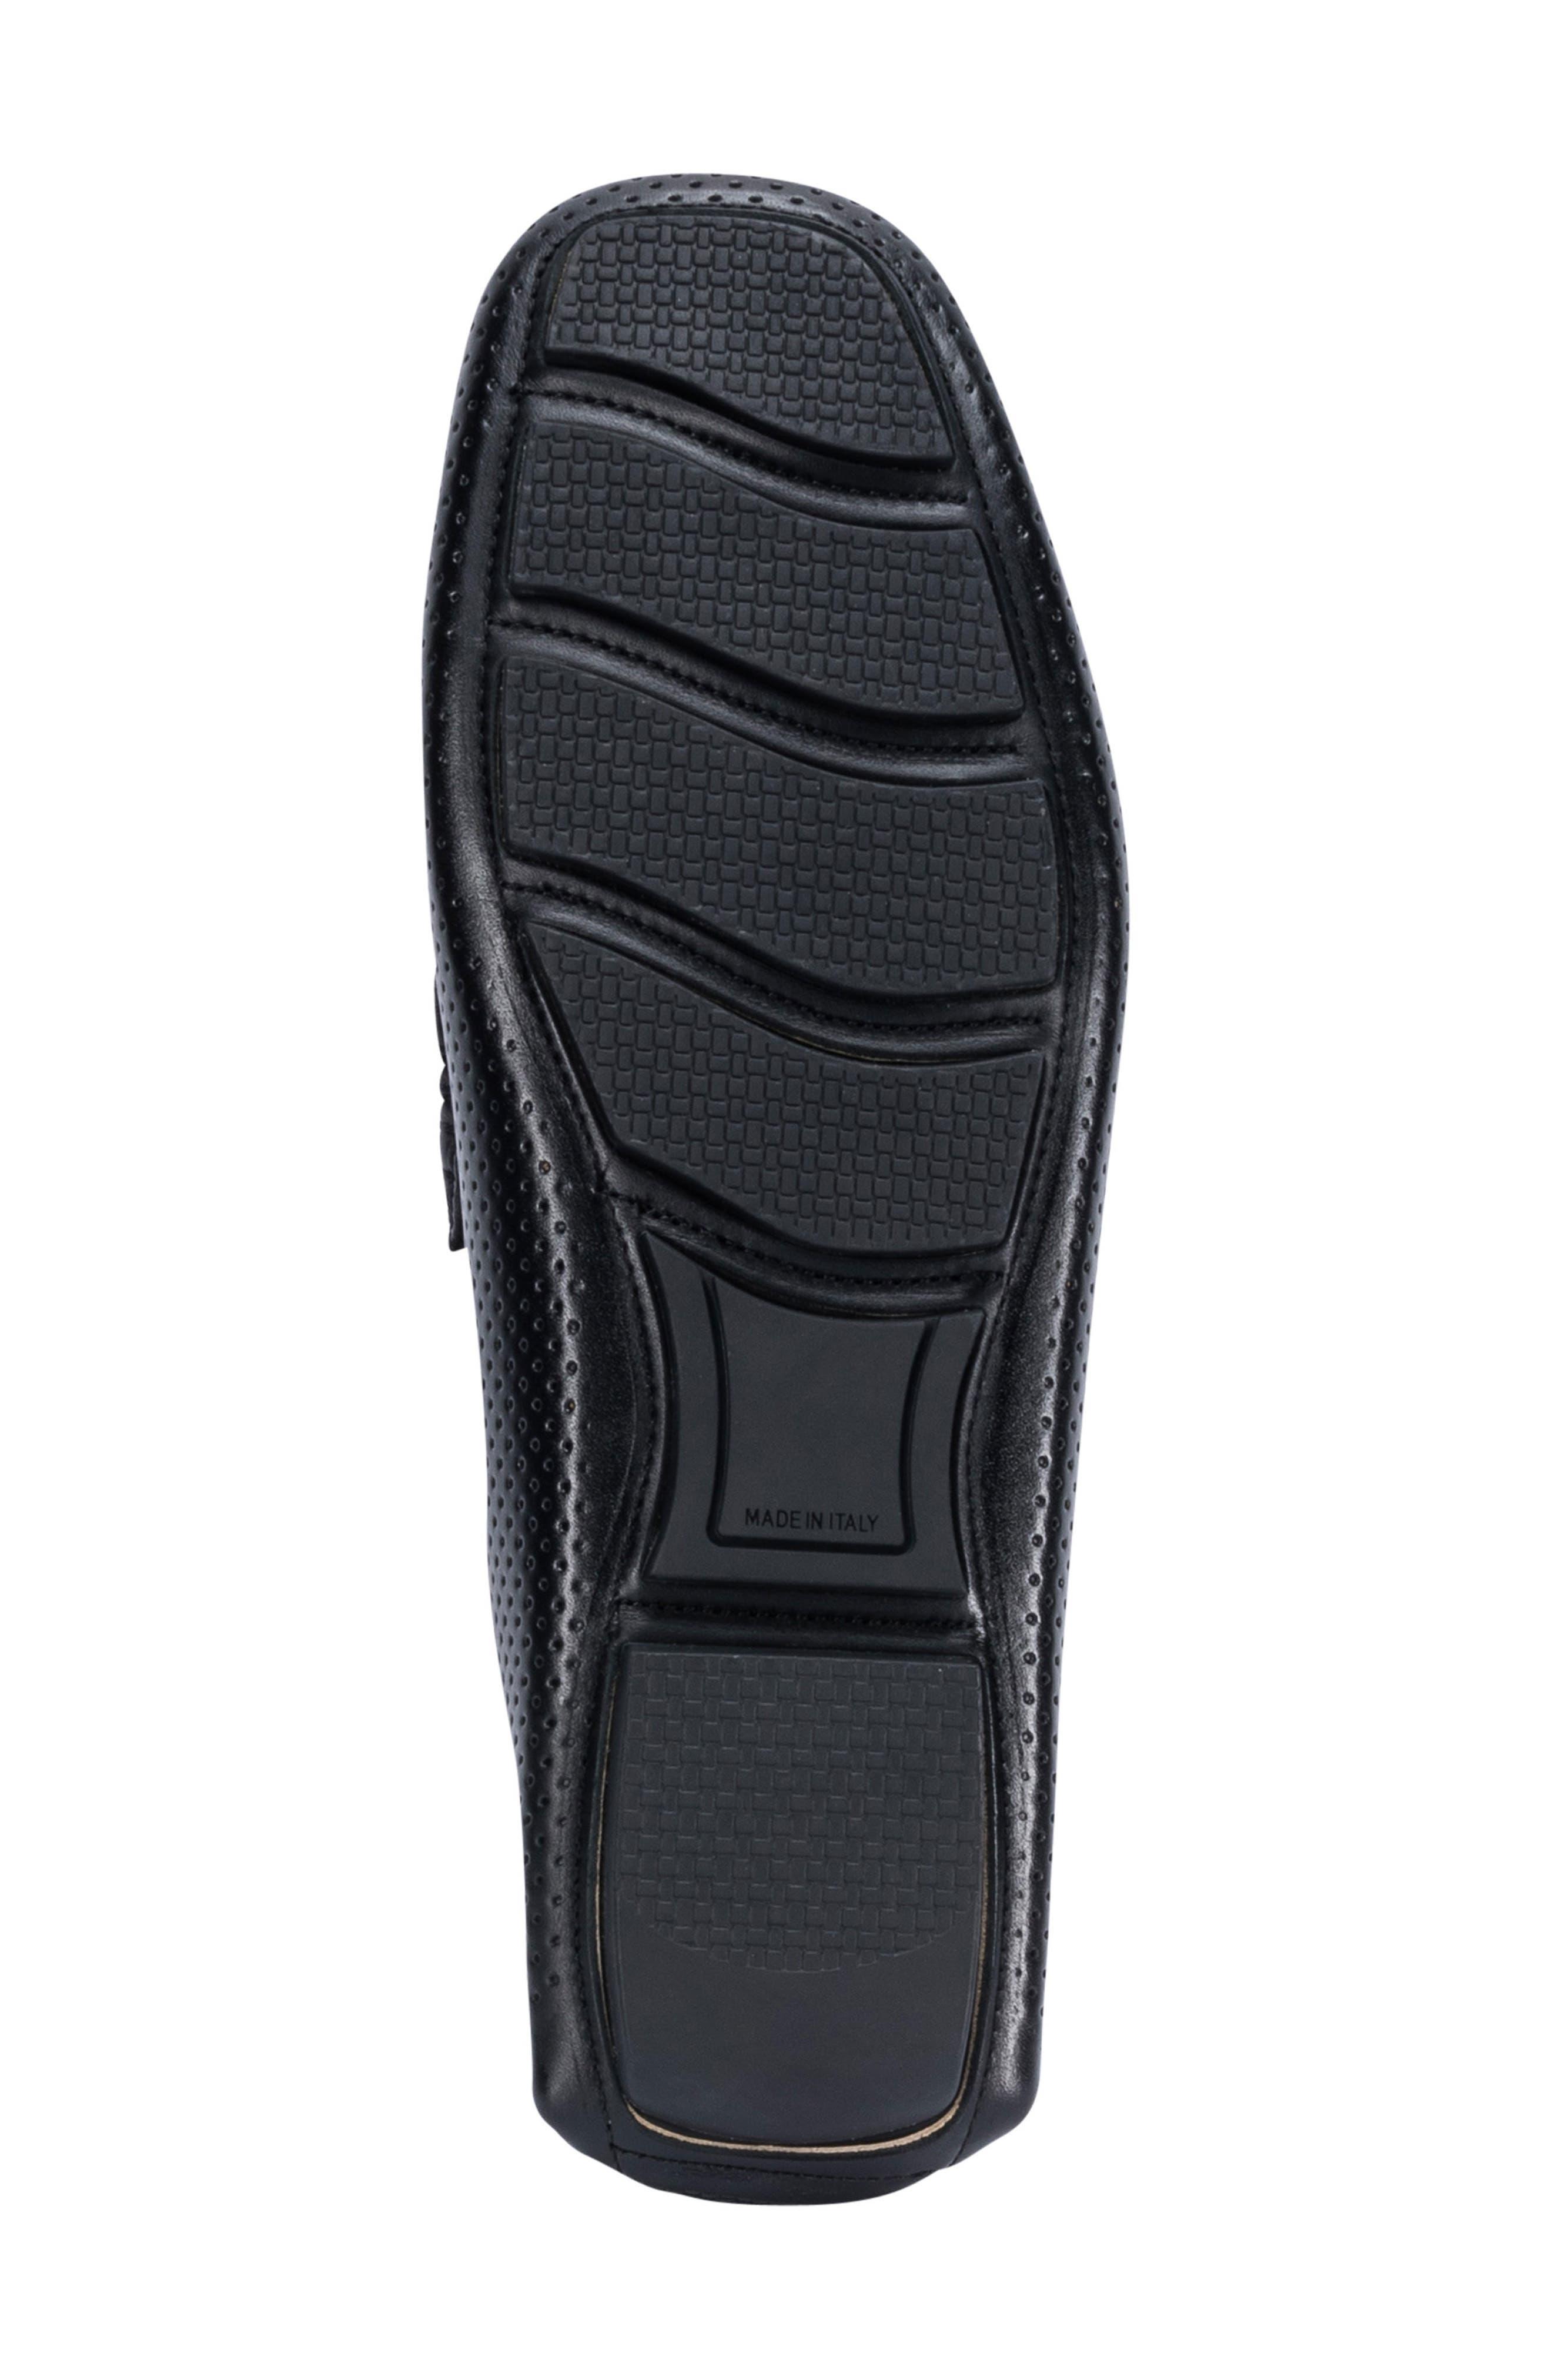 Sardegna Driving Shoe,                             Alternate thumbnail 6, color,                             BLACK